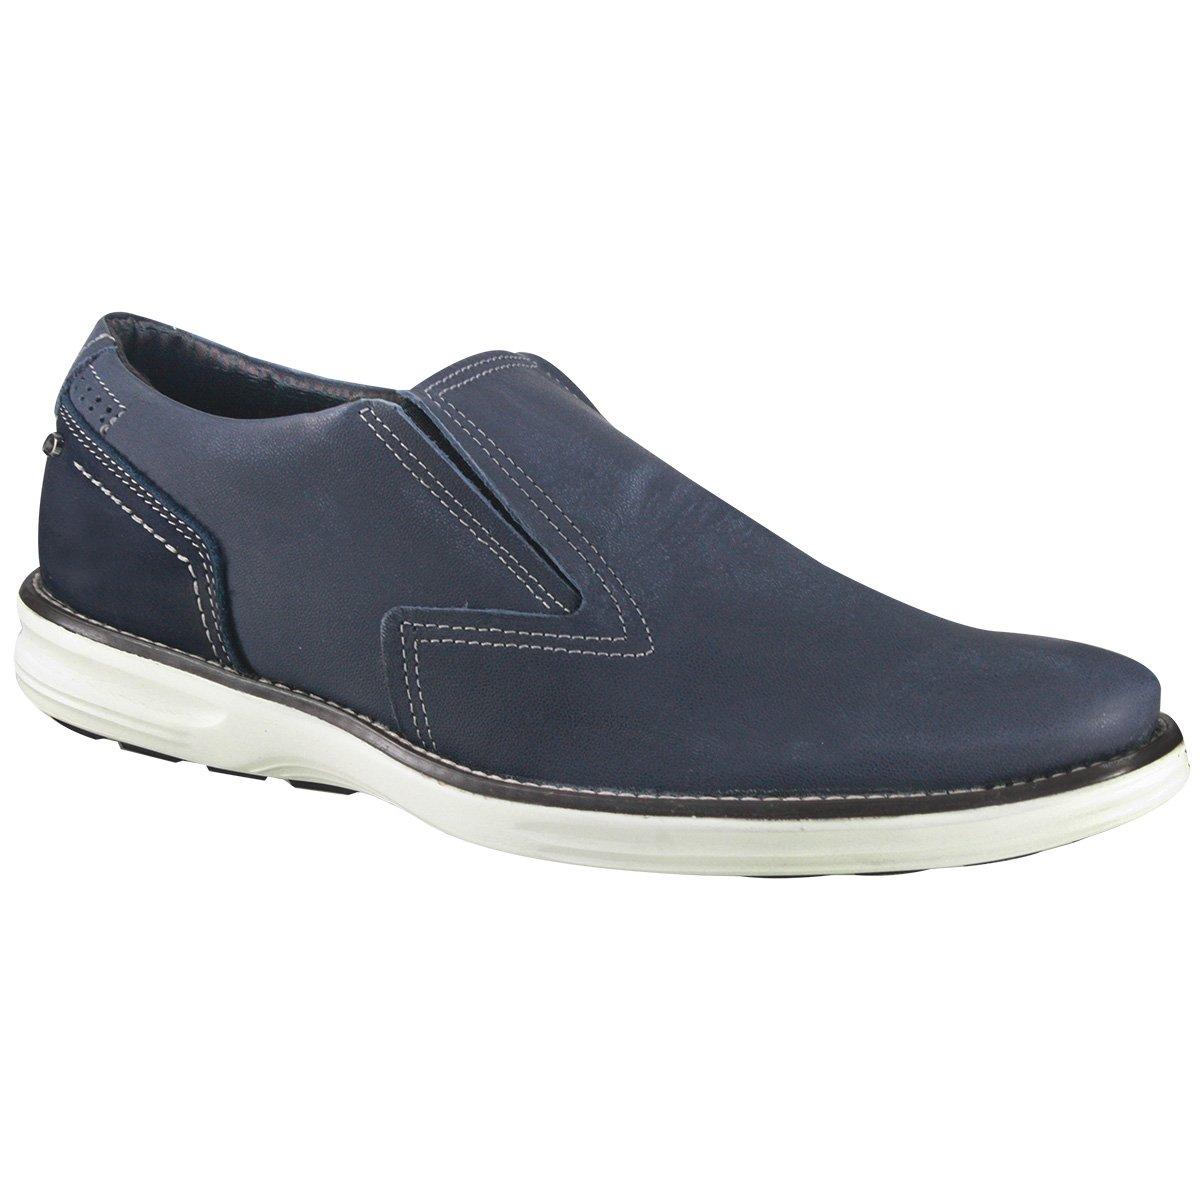 0aac458000b Sapatênis Masculino Pegada Pull Up 124904-03 - Jeans (Nobuck Safira ...